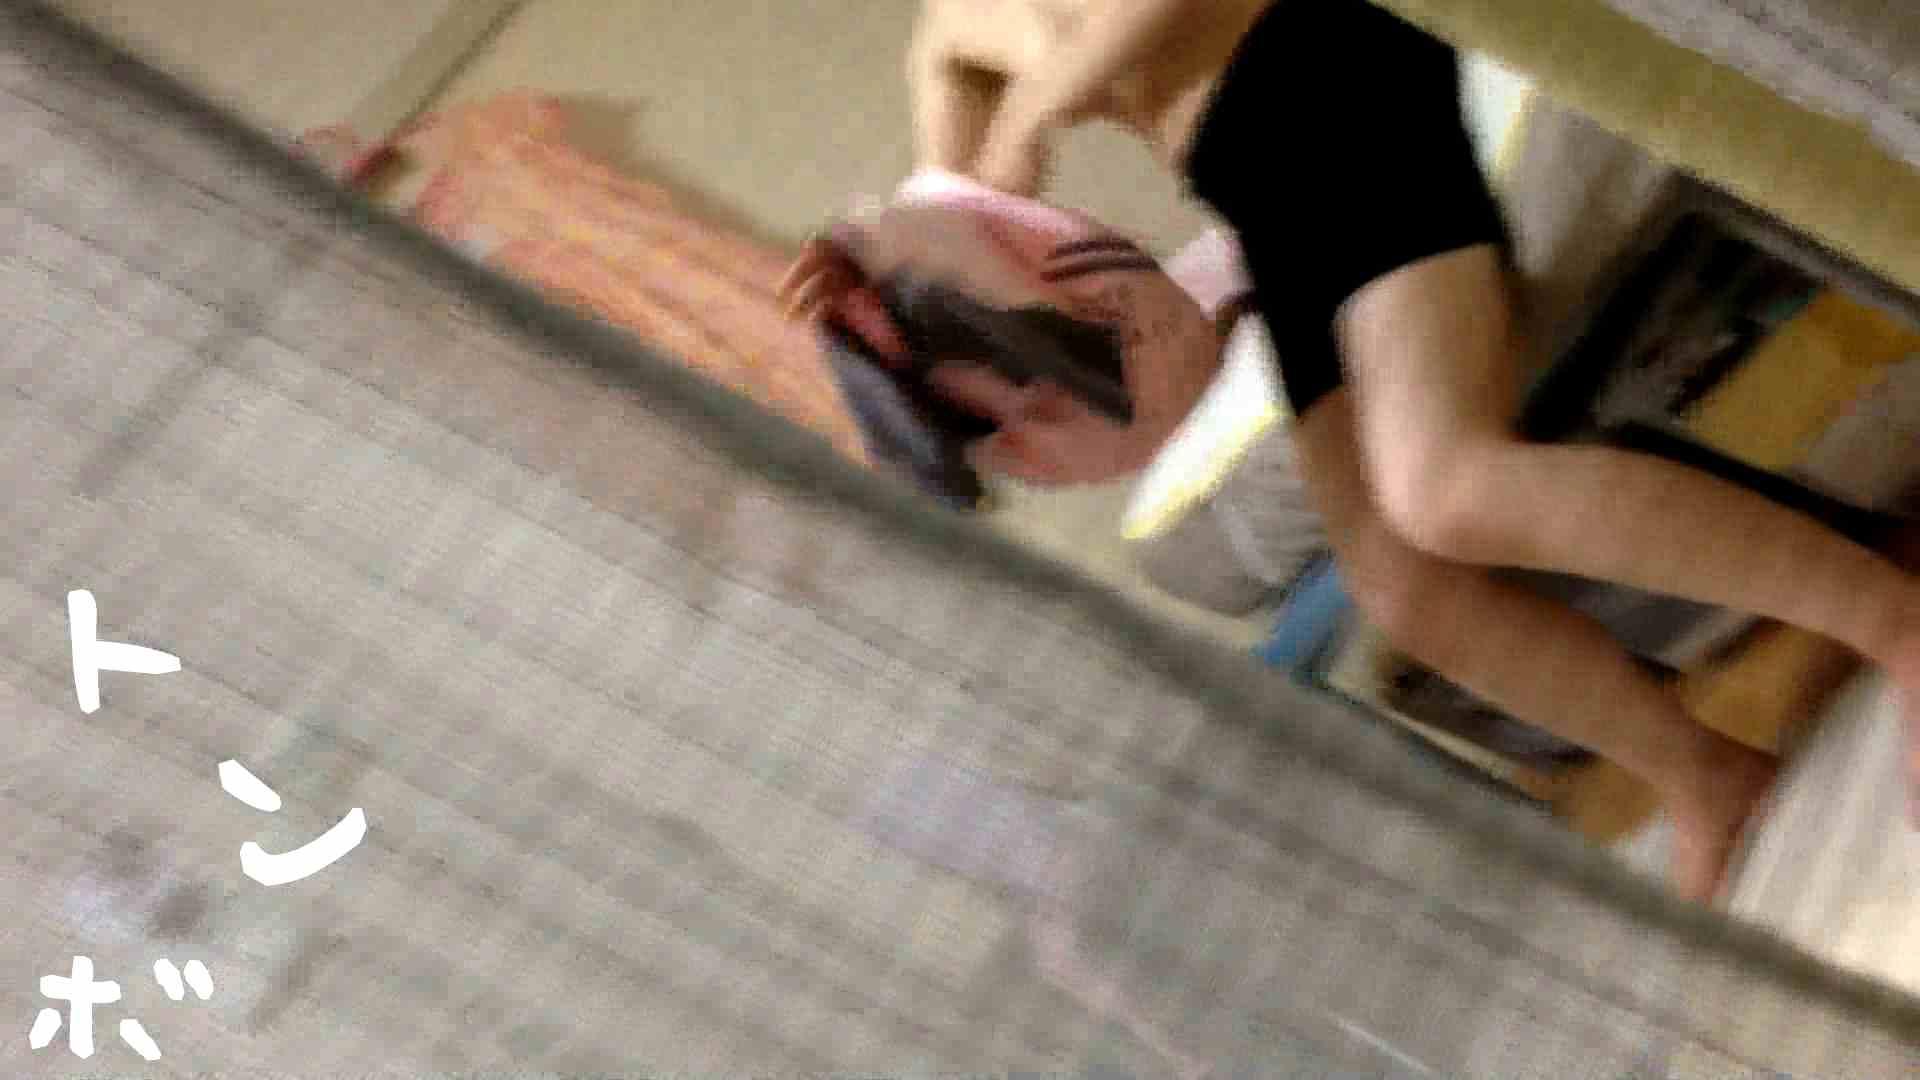 リアル盗撮 作家志望J子 アソコのお手入れ最中に感じてパンツを湿らす 盗撮   高画質  105pic 26